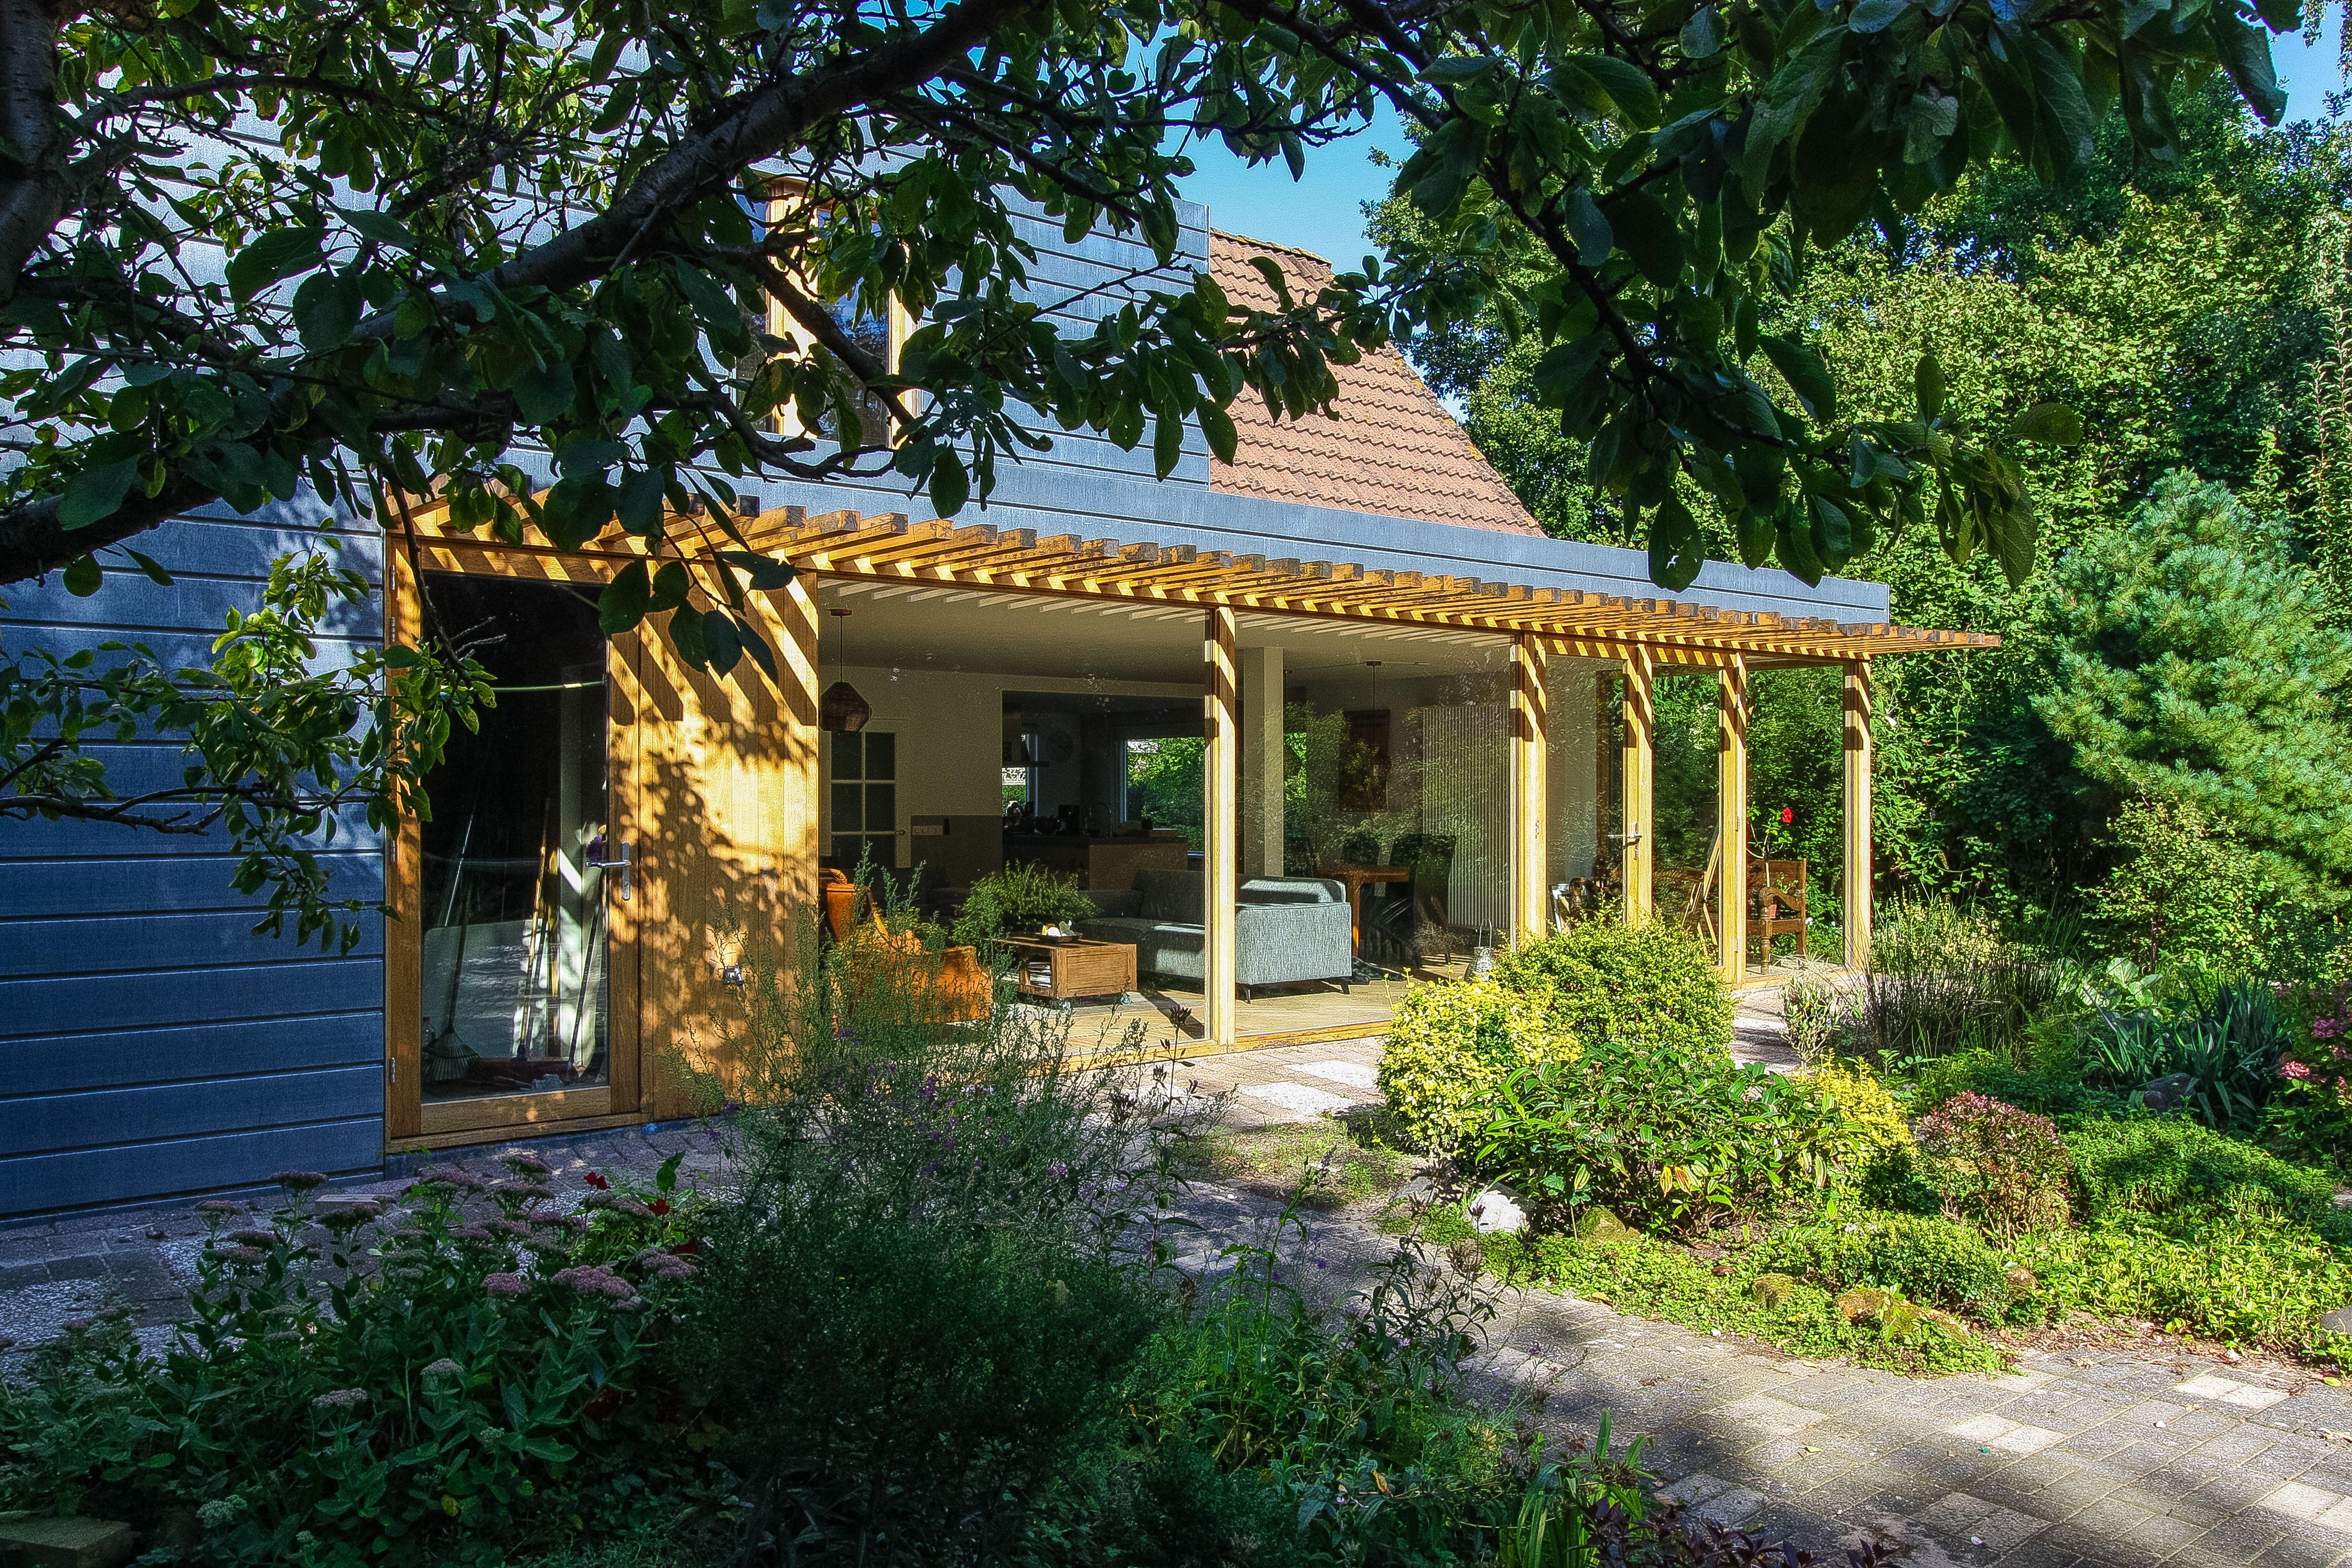 west architecten jaren 80 uitbouw renovatie modern luifel zink eikenhout glas on zink outdoor kitchen id=22951